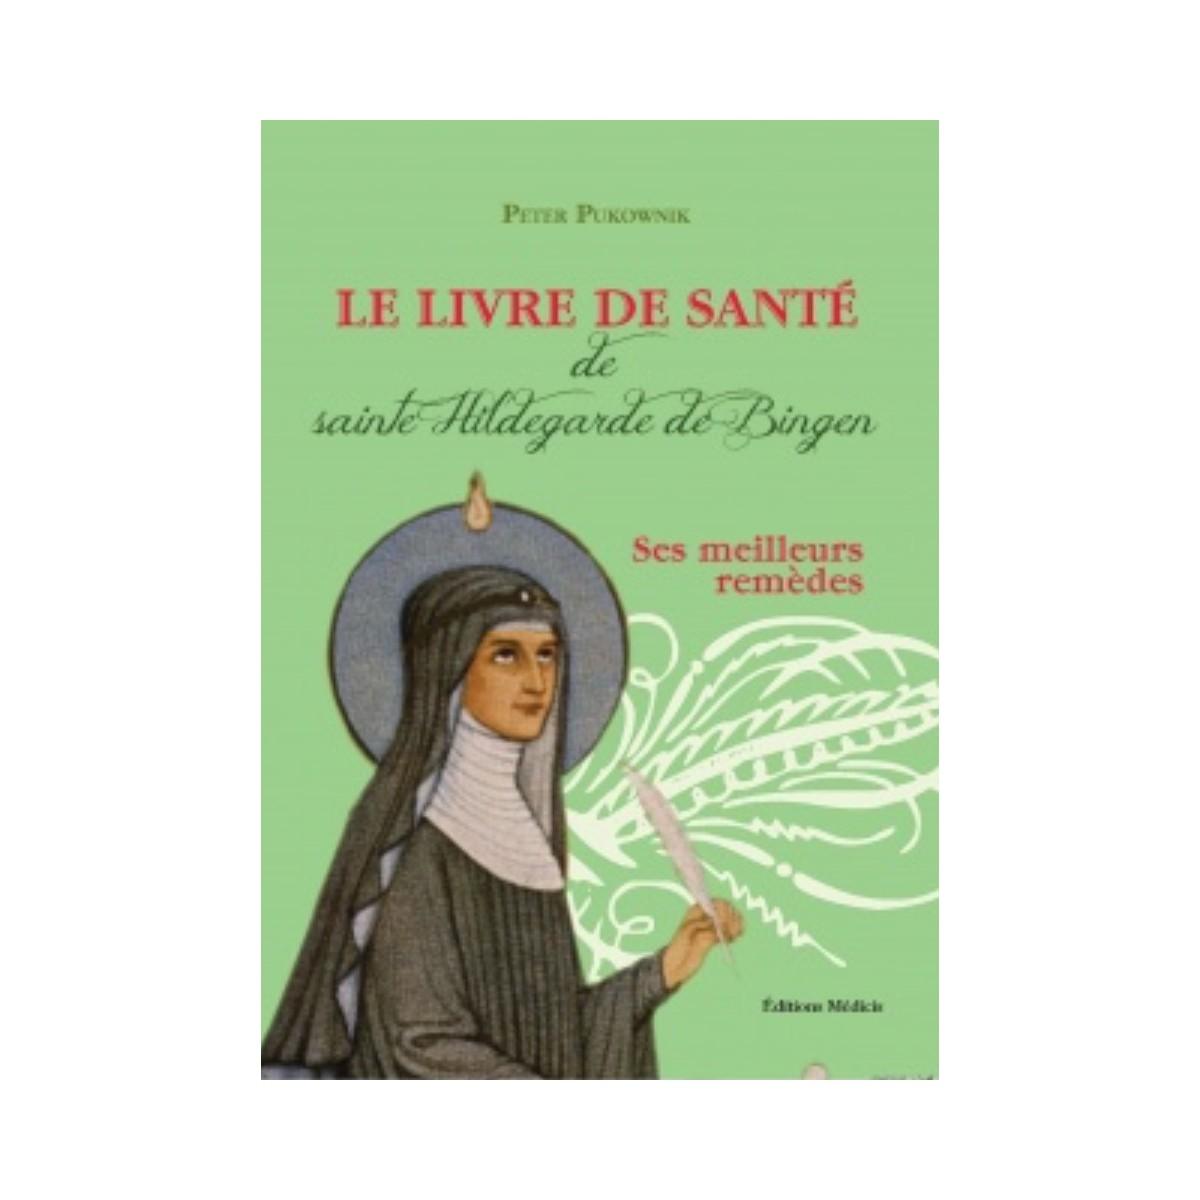 Le livre de santé de Ste Hildegarde de Bingen